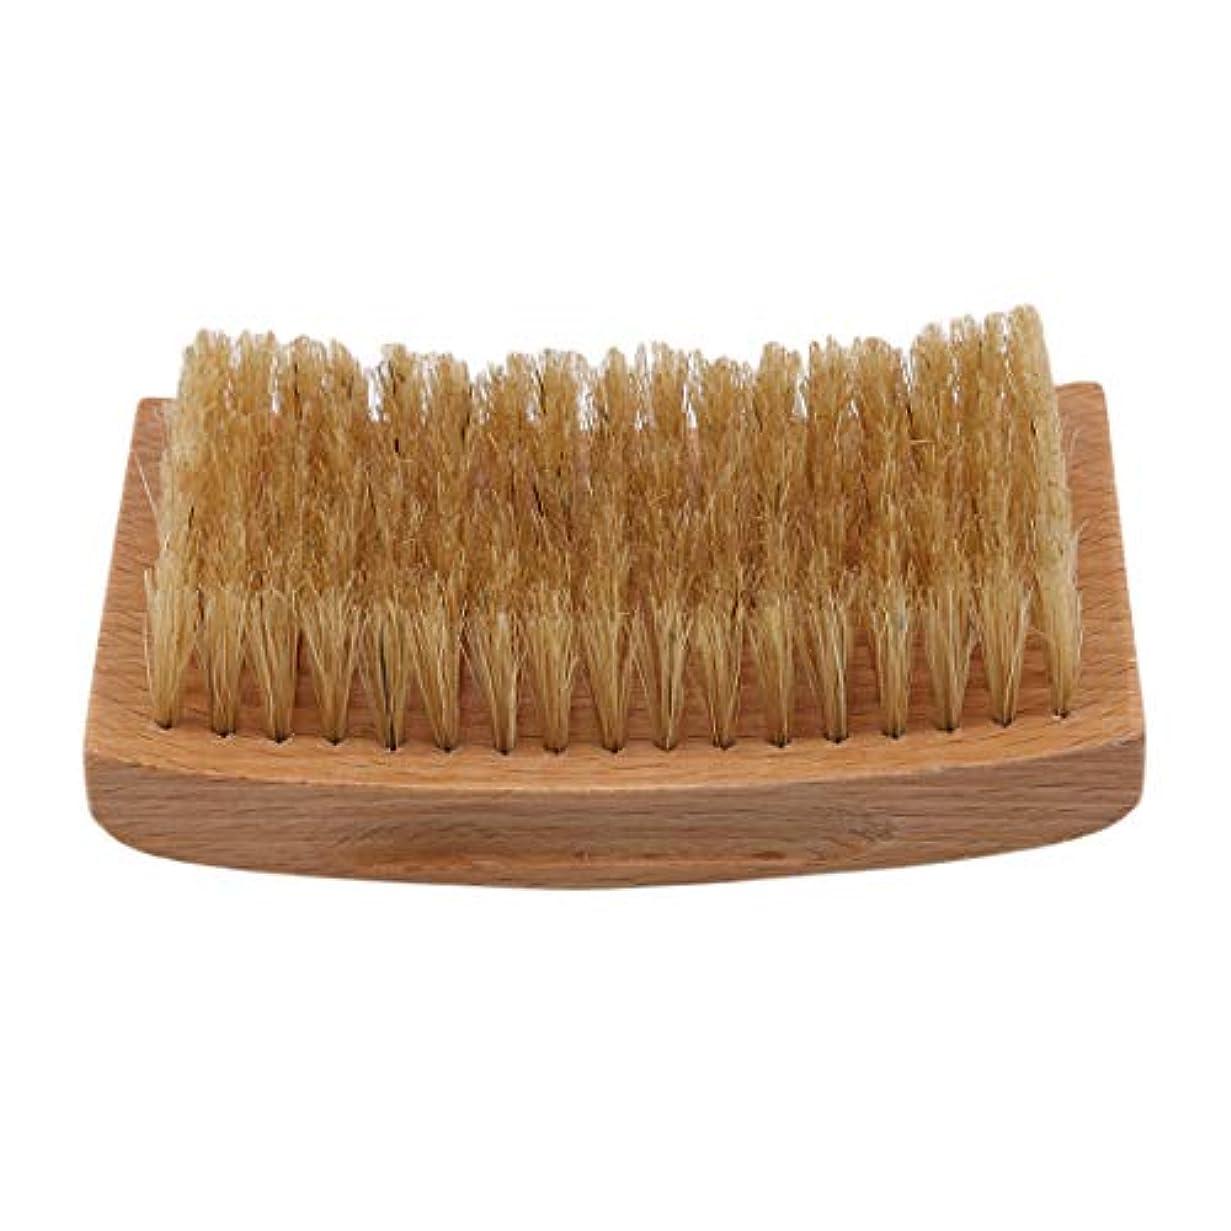 立ち向かうチョーク美徳KLUMA ひげブラシ シェービングブラシ 理容 洗顔 髭剃り 泡立ち 洗顔ブラシ 1#